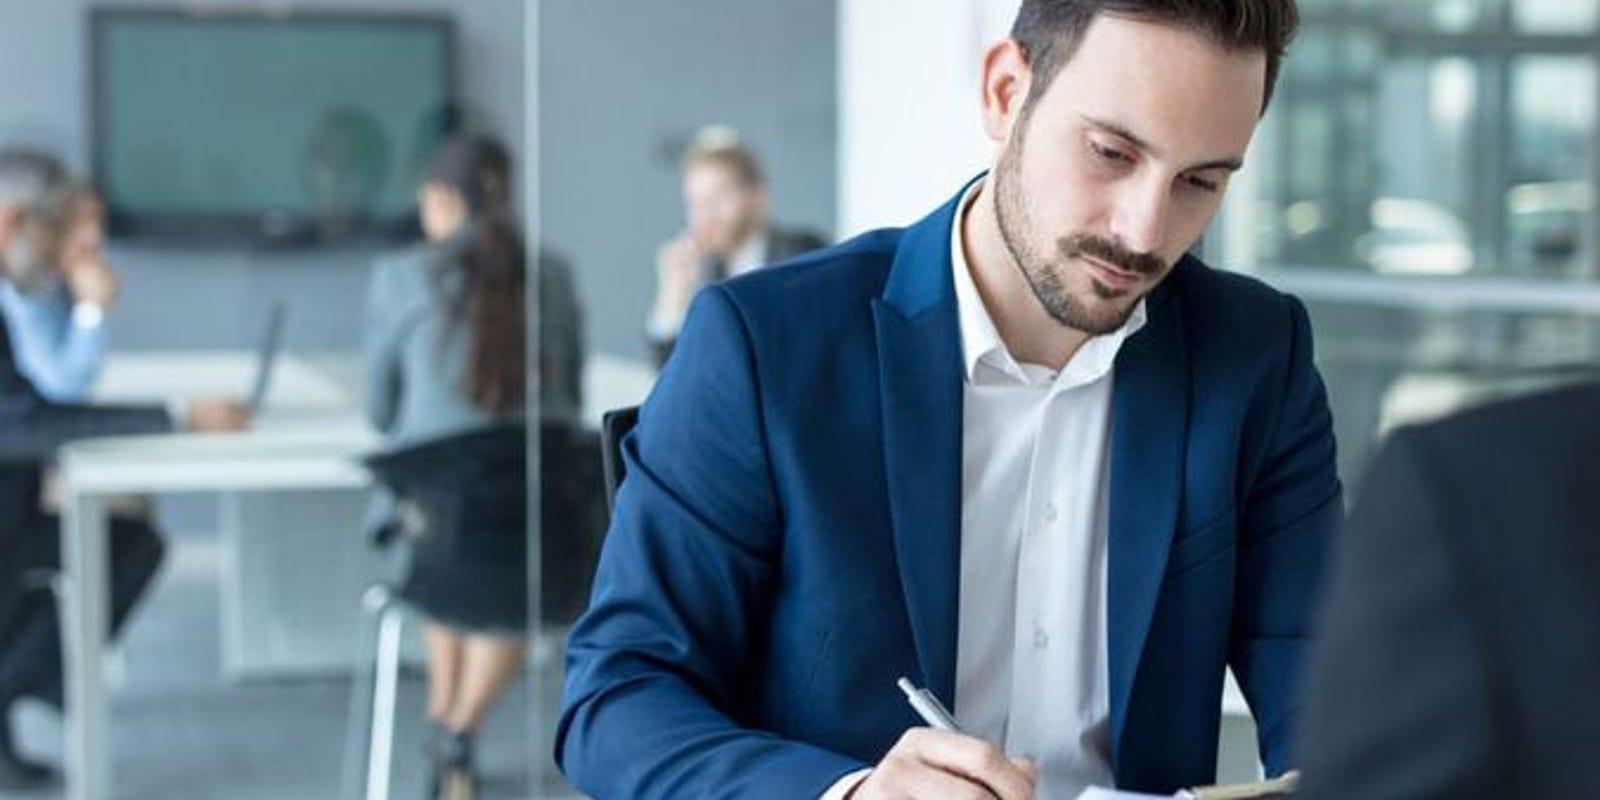 Are Résumés, CVs, and cover letters obsolete? Ask HR